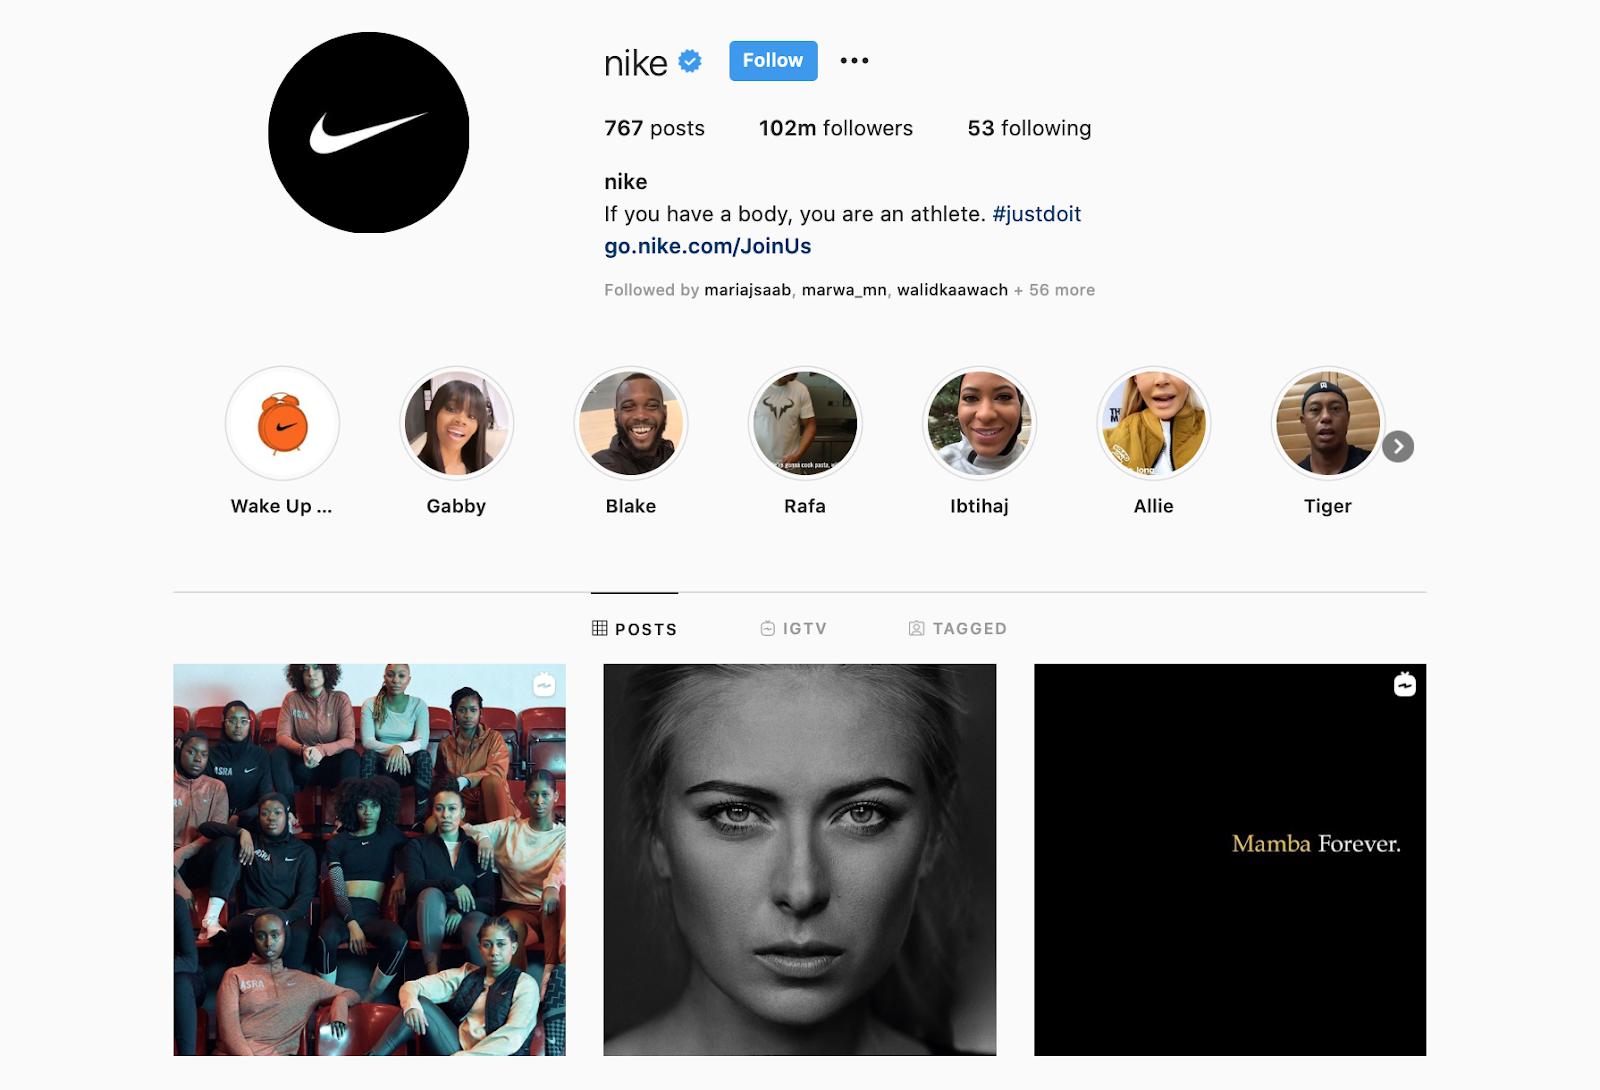 Nike's Instagram homepage